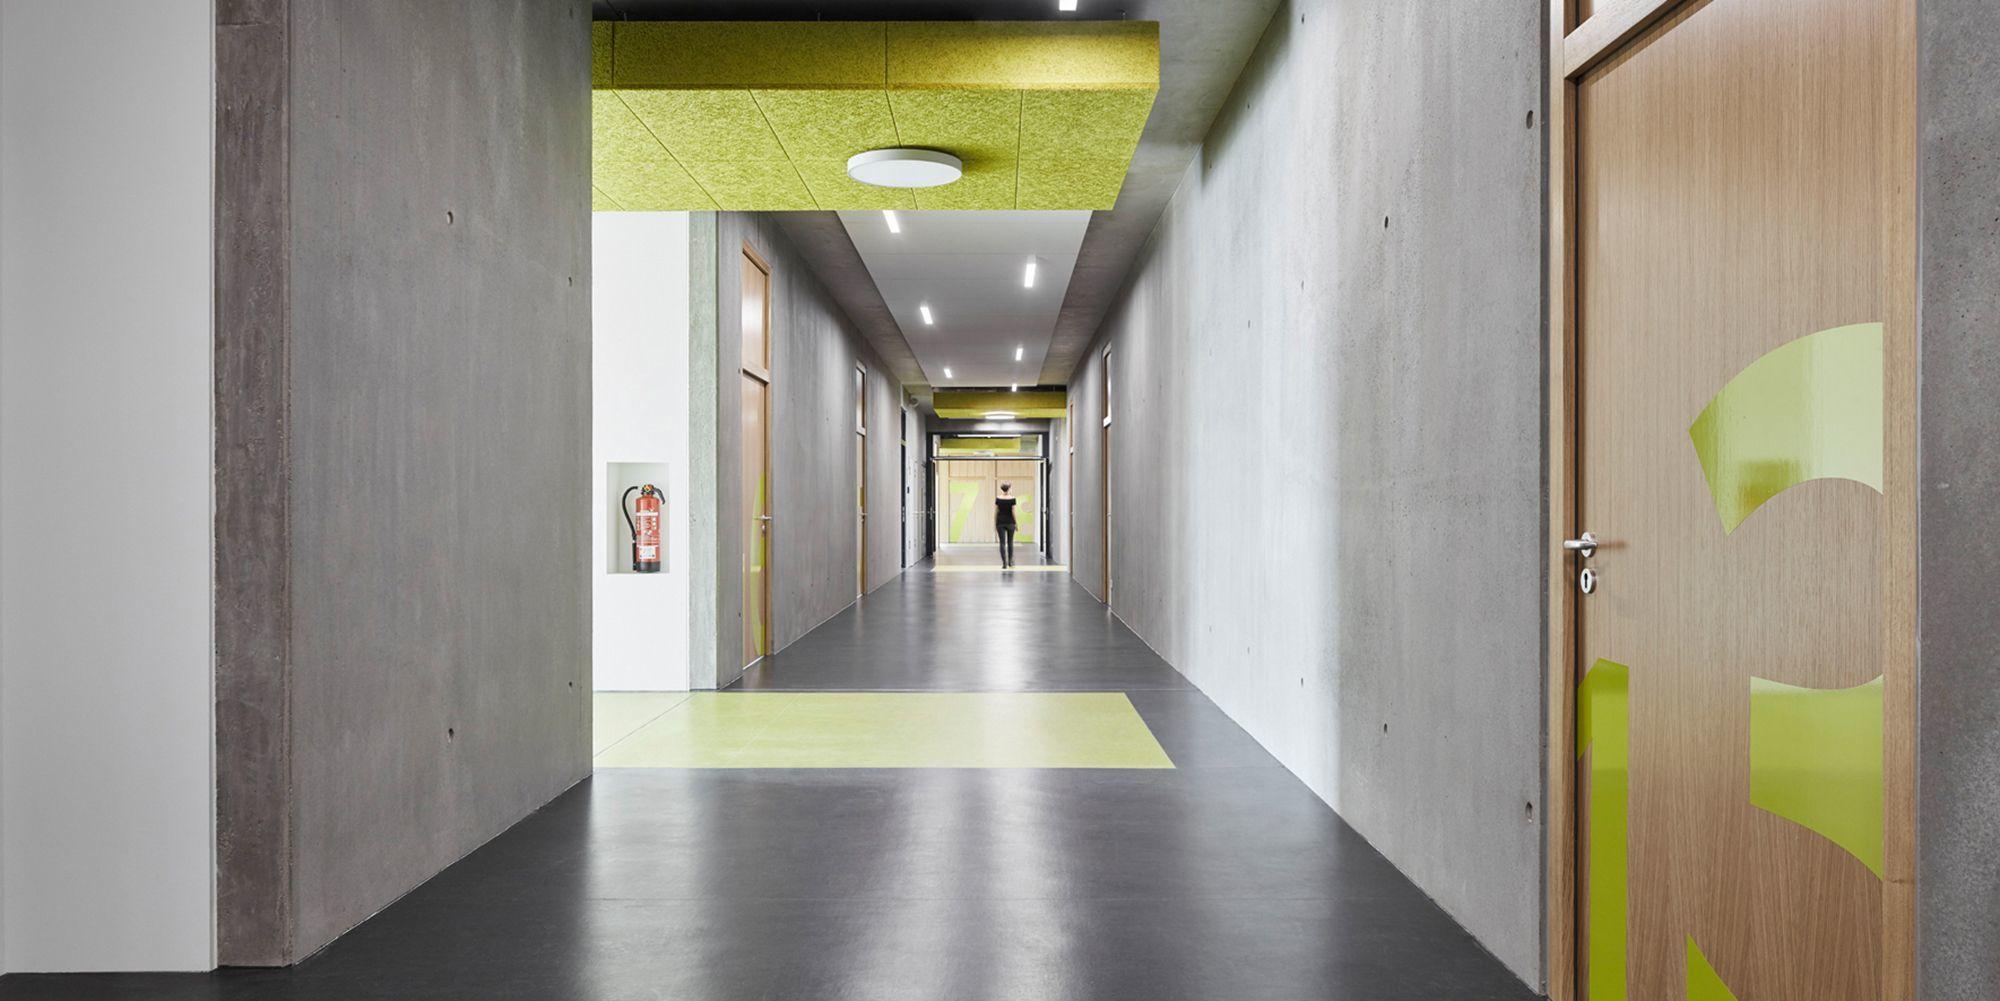 Architekten Ludwigshafen bilinguale montessori schule ingelheim a sh architekten